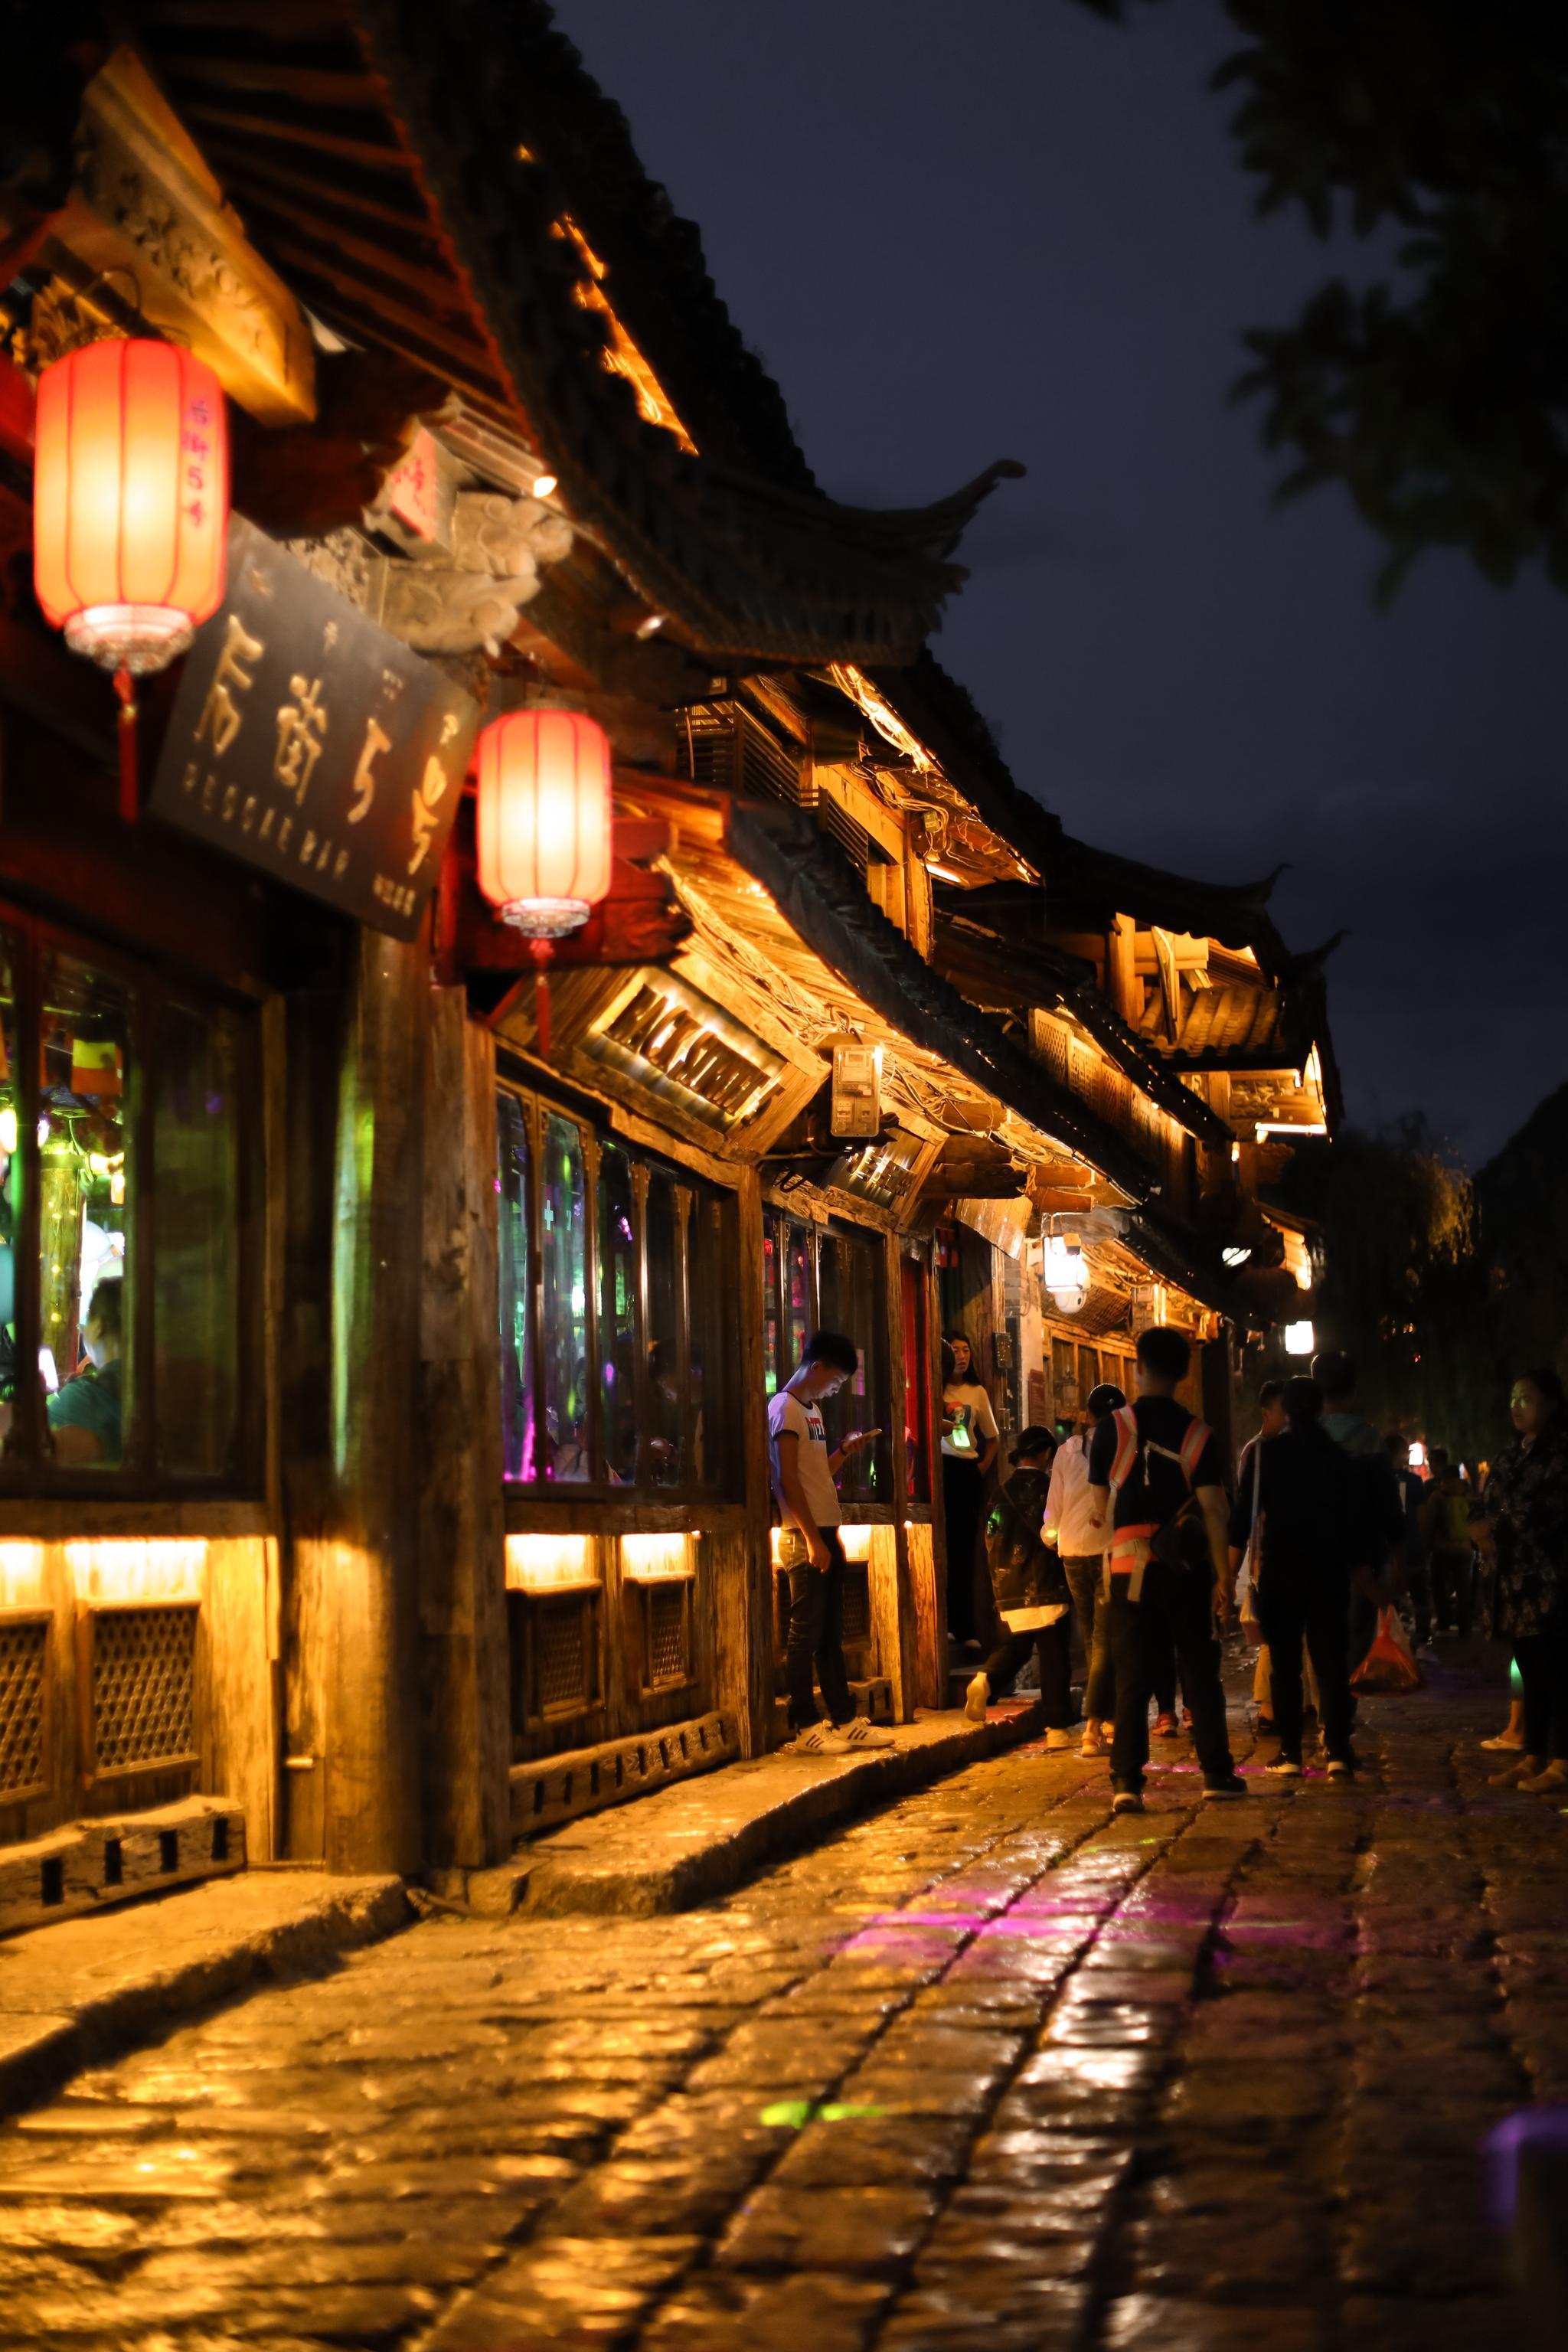 夜色慢慢降临,而丽江的另一面刚刚开始